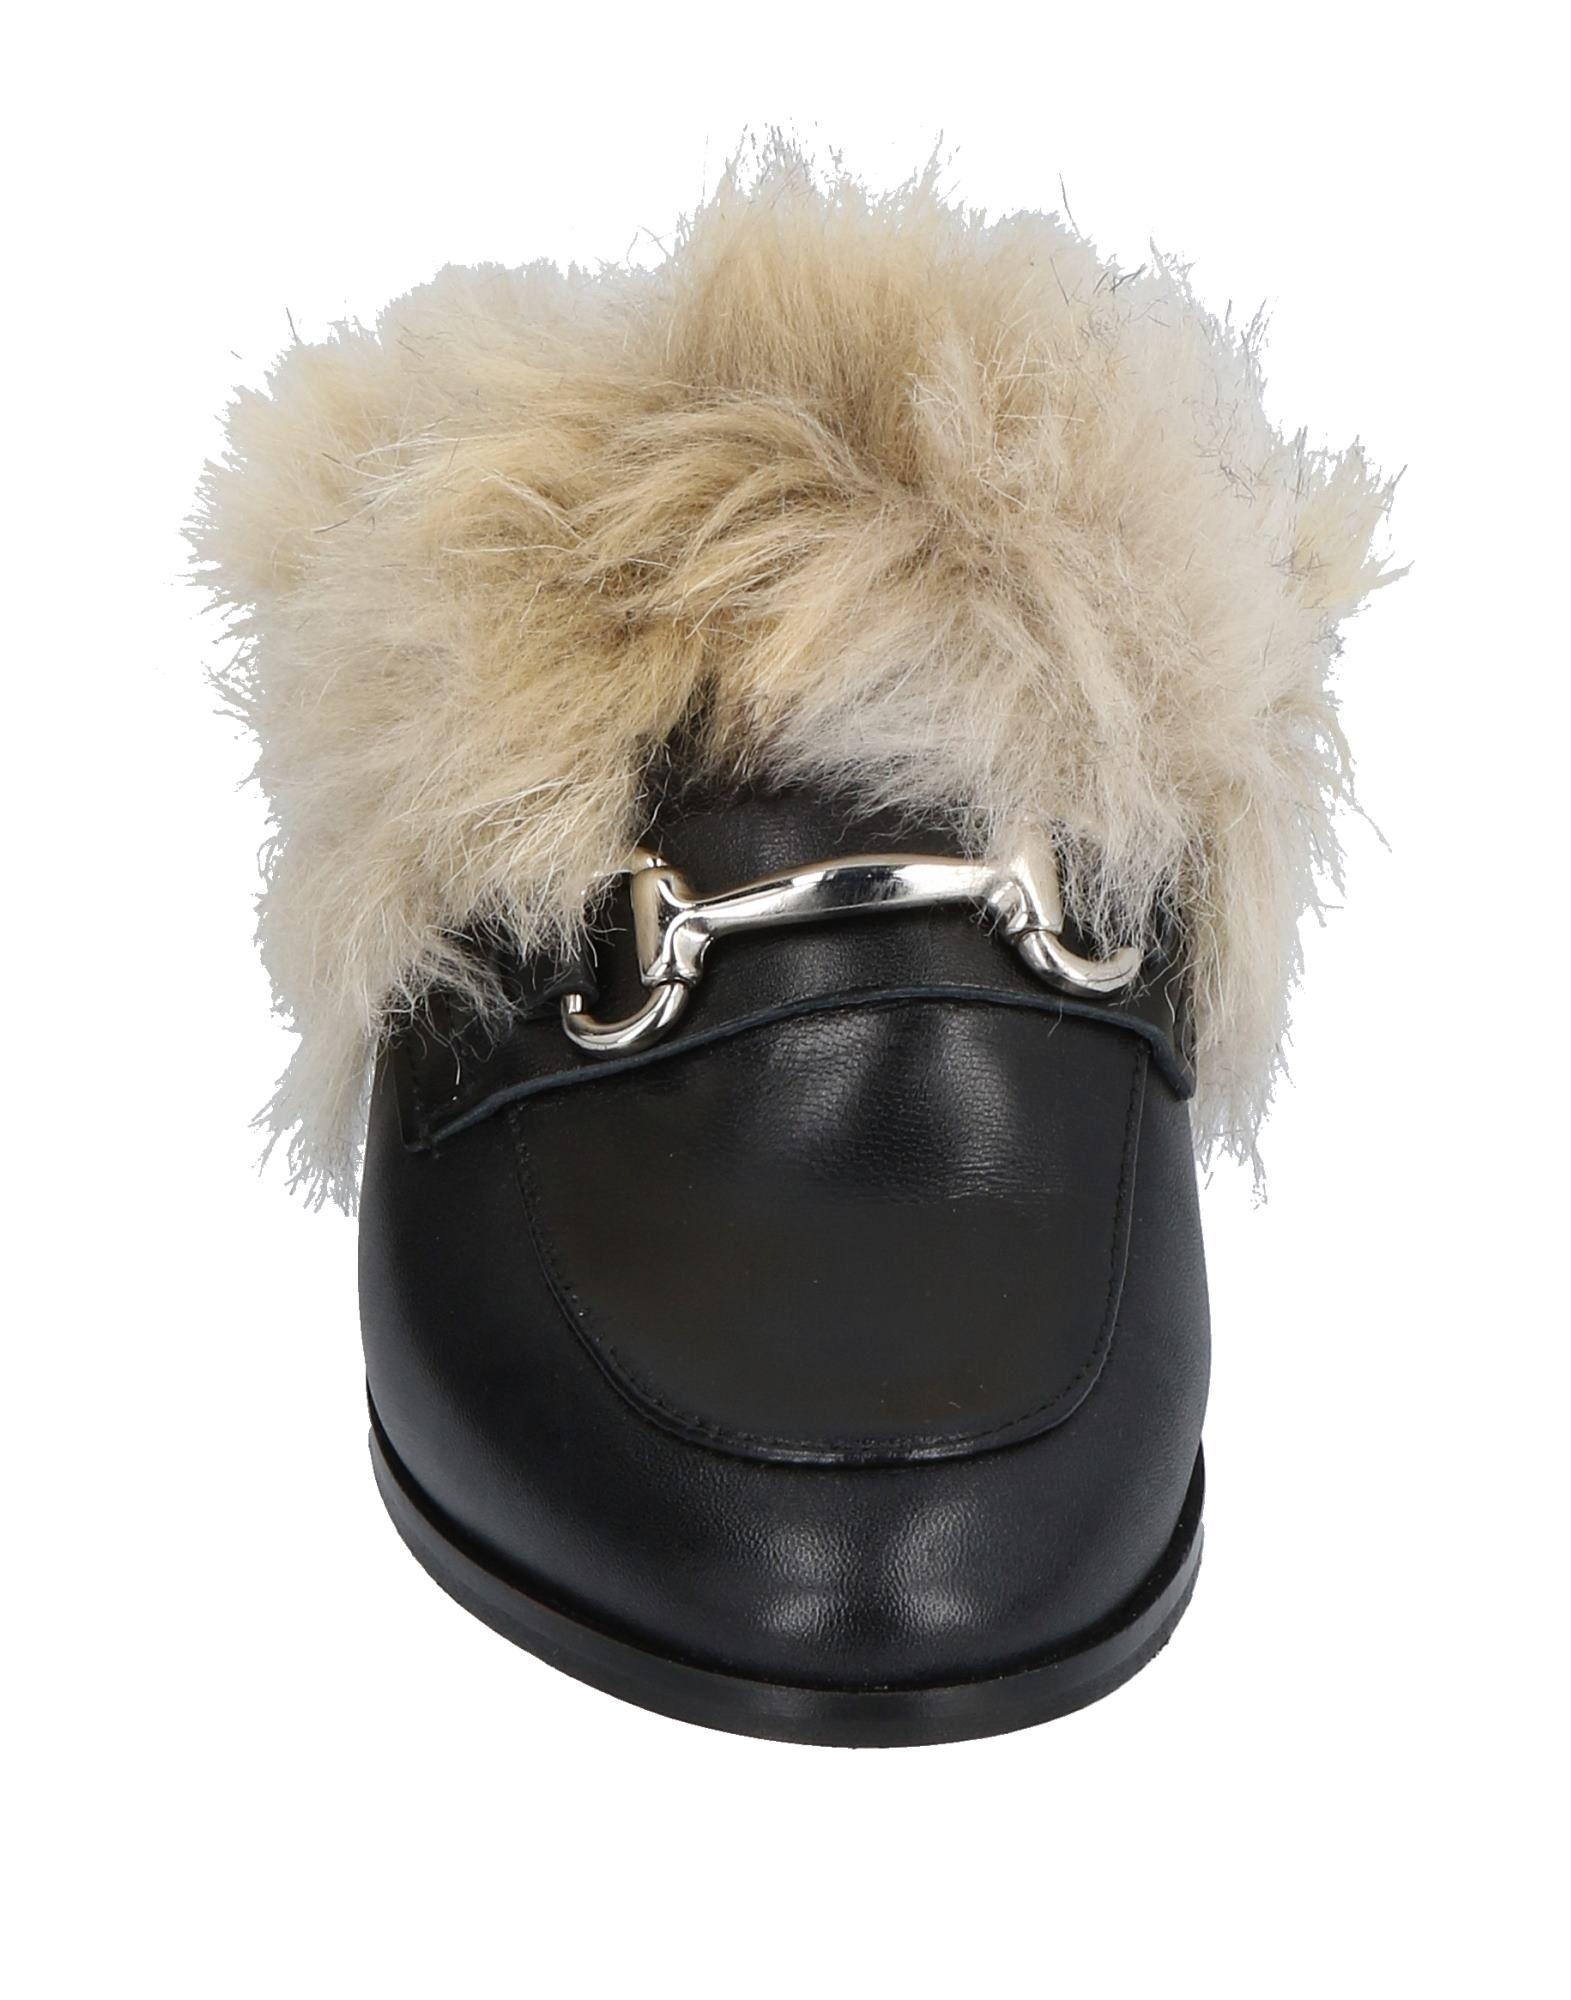 Unlace Pantoletten Gute Damen  11473993GK Gute Pantoletten Qualität beliebte Schuhe e92fb1